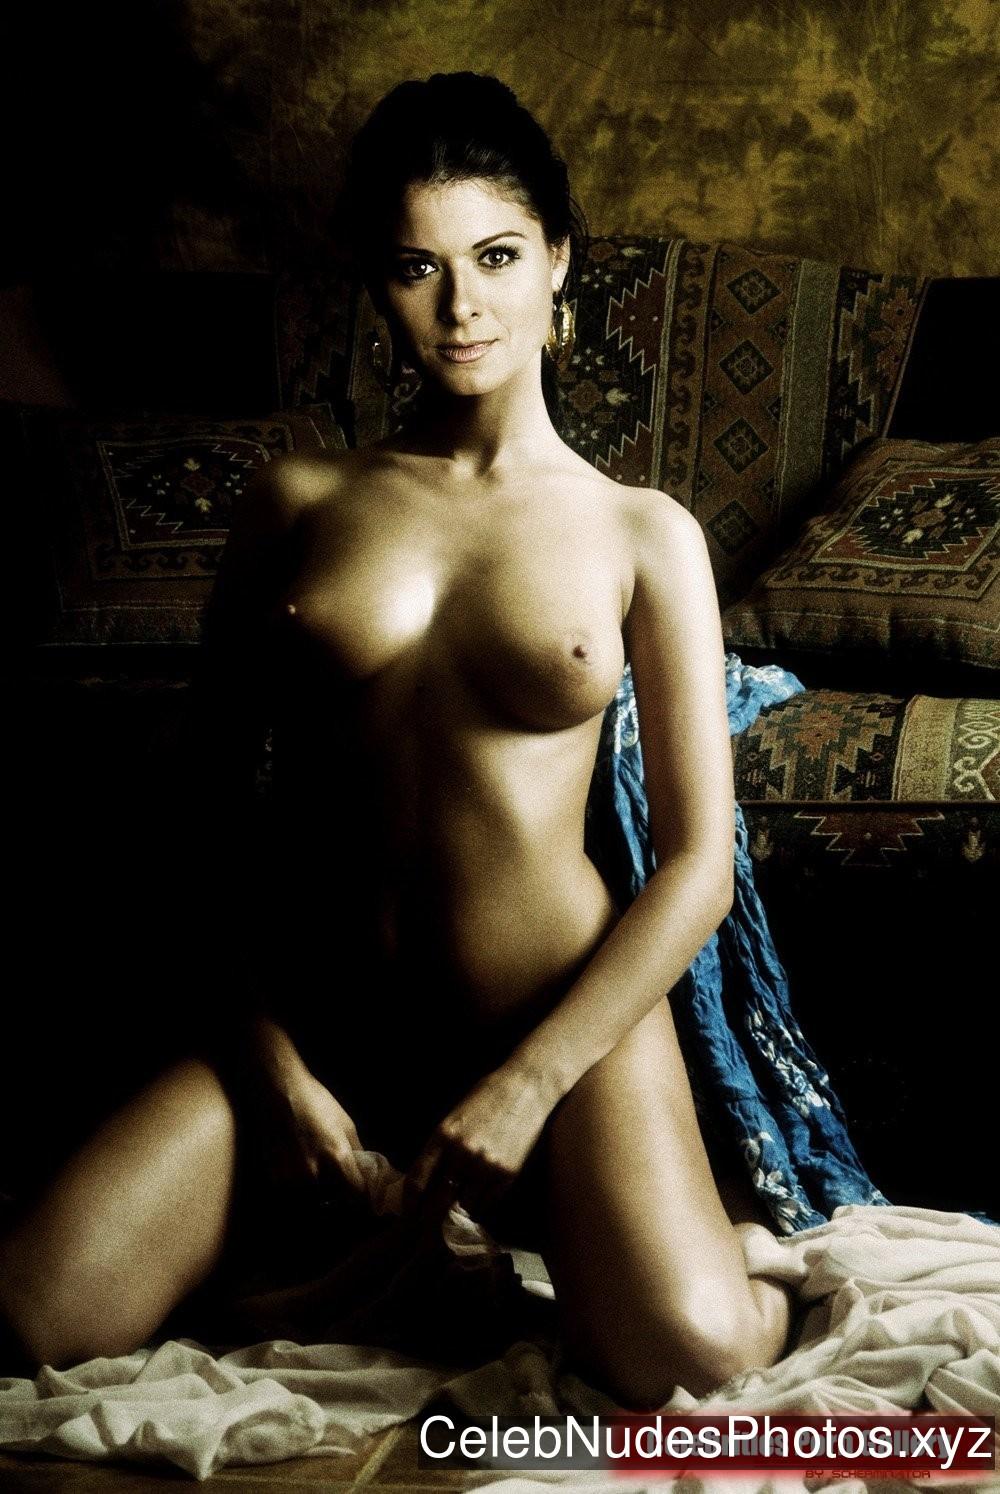 Debra messing naked